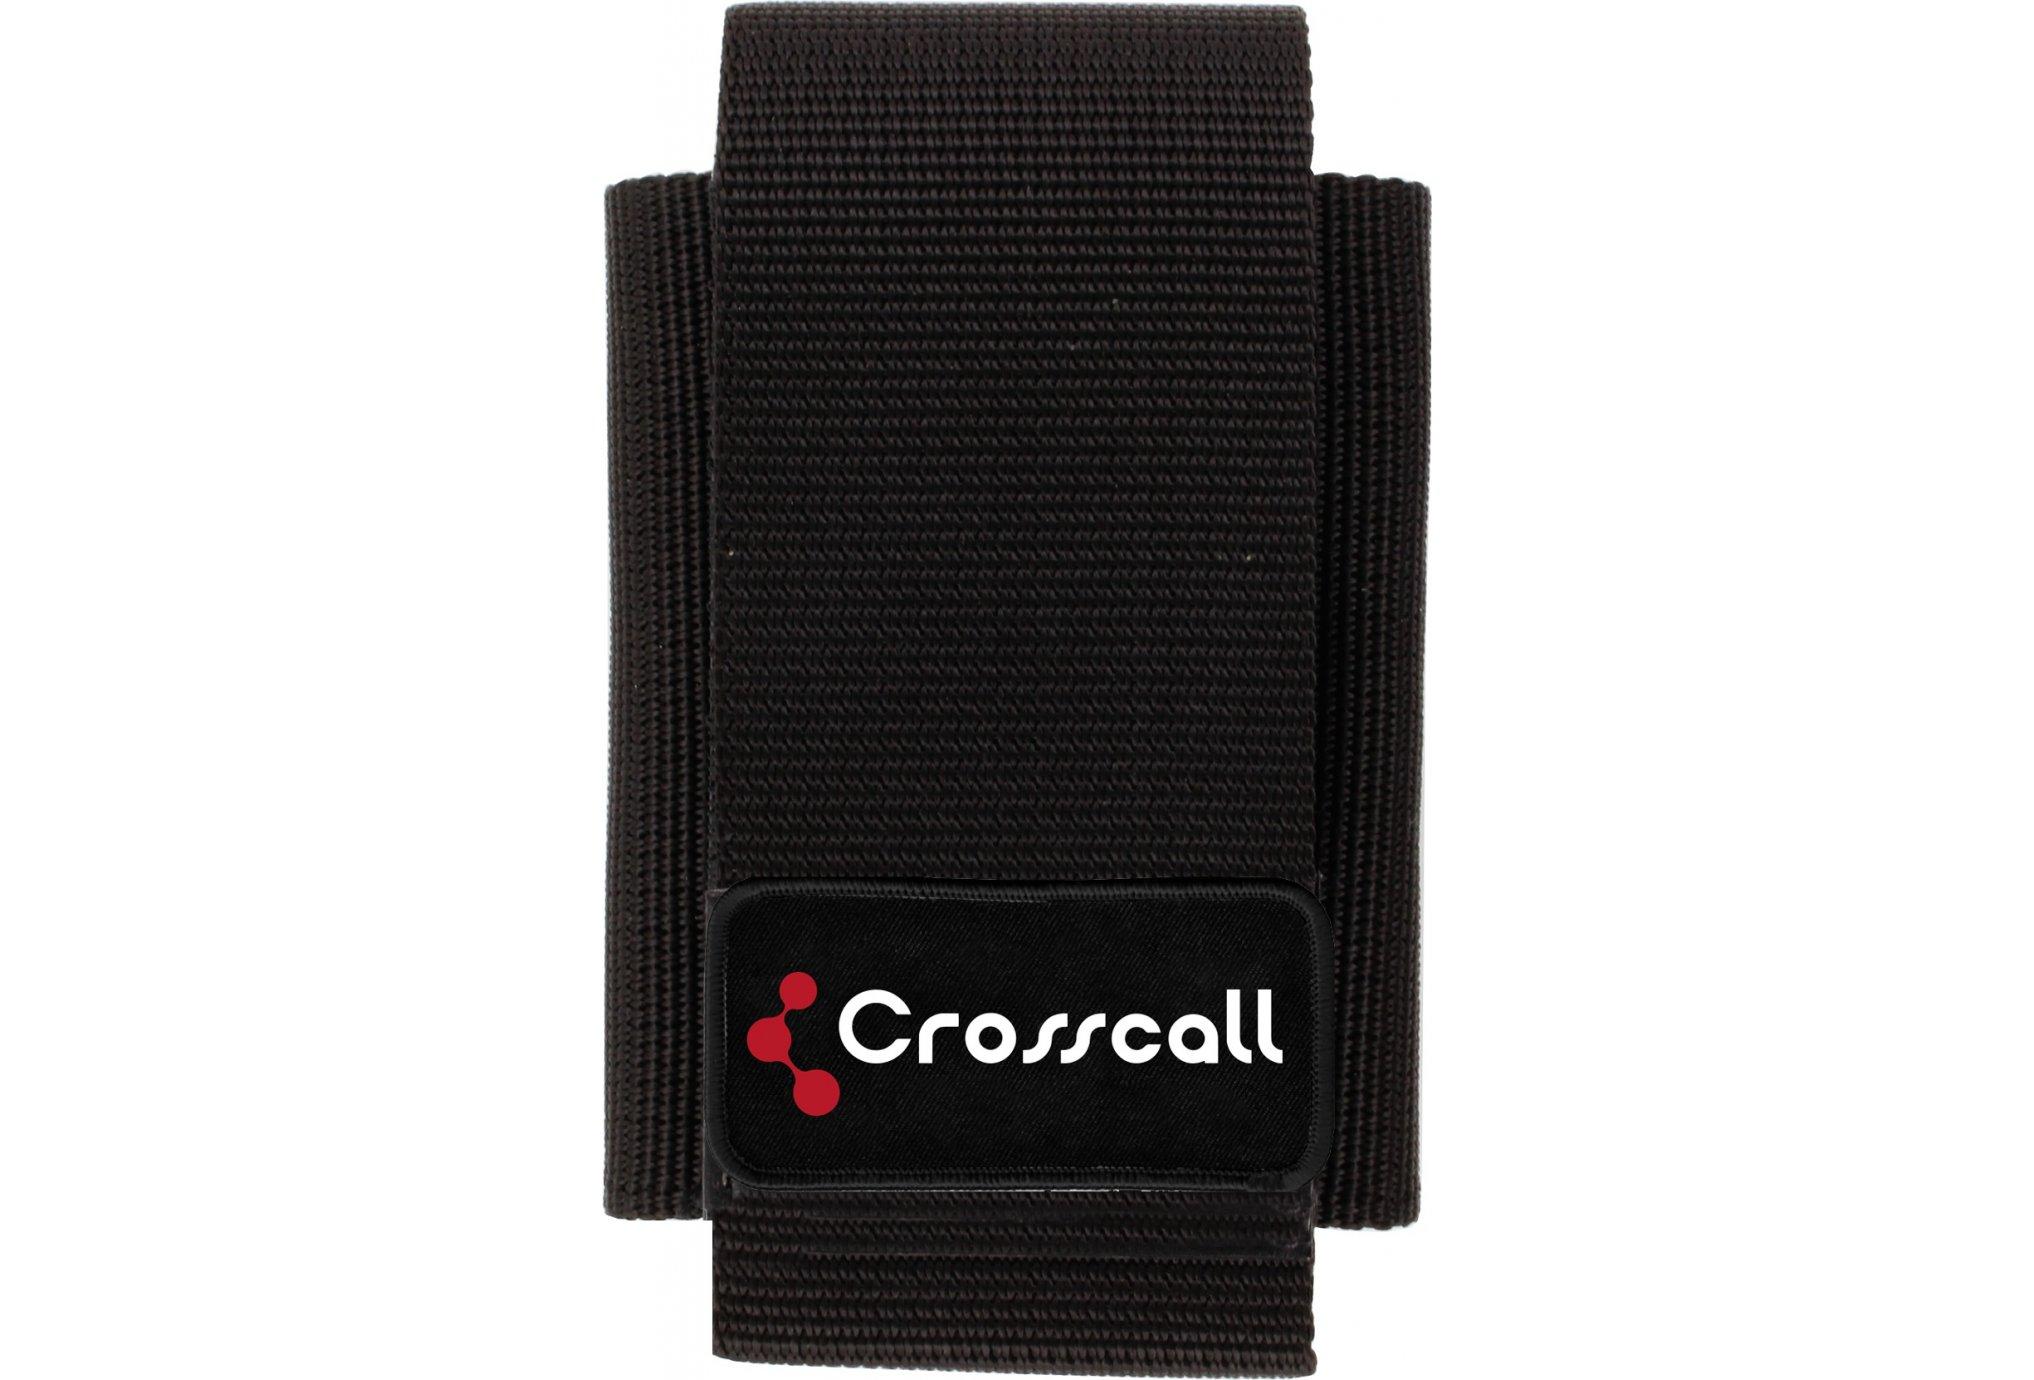 Crosscall Housse de protection Accessoires téléphone